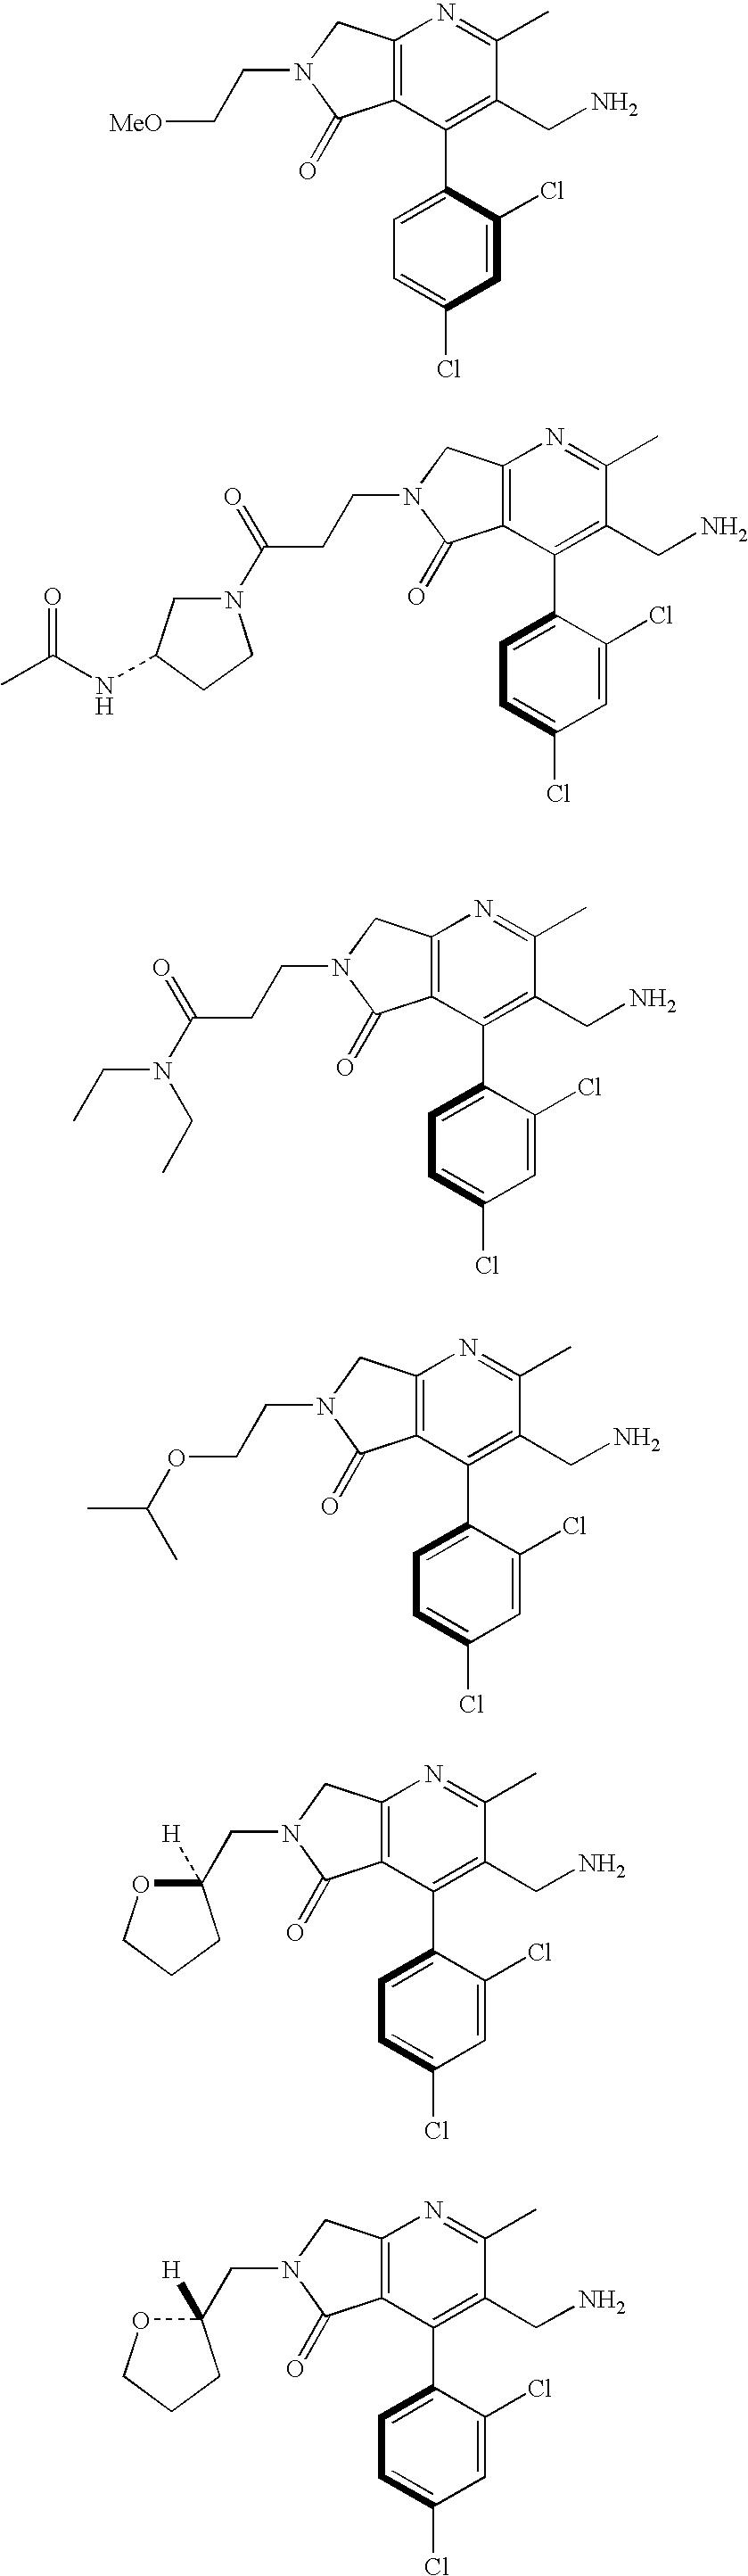 Figure US07521557-20090421-C00011